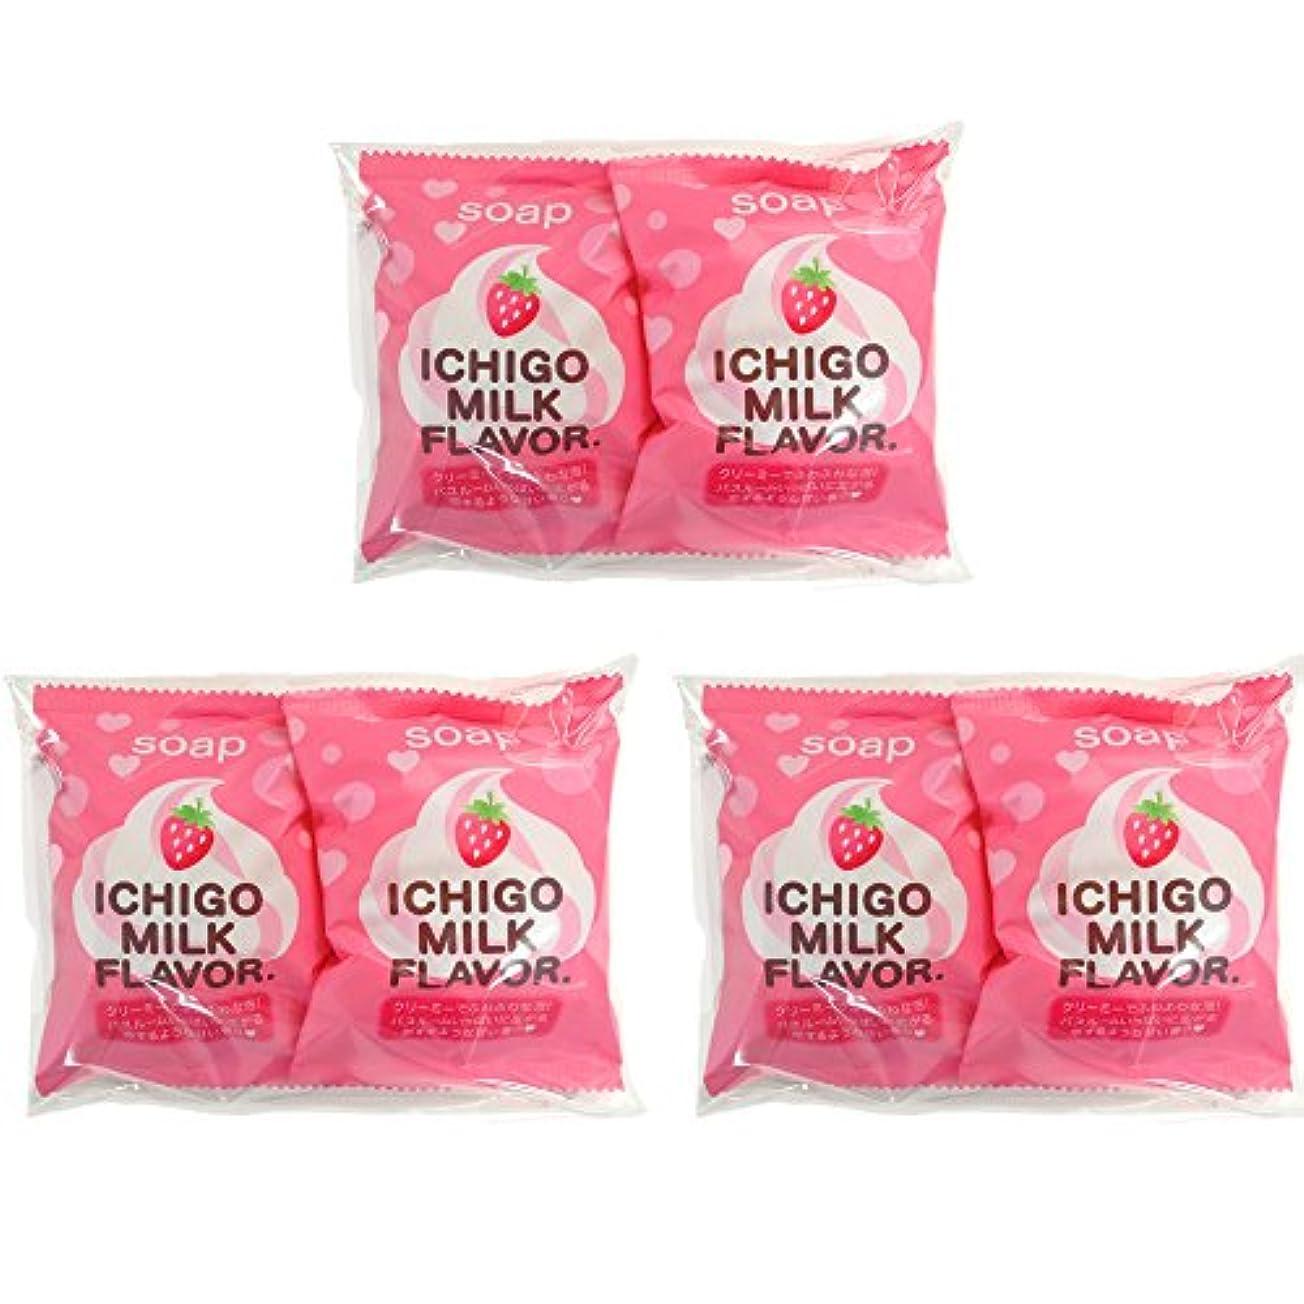 不名誉インフレーション野ウサギプチベリィ ソープS (80g×2個)×3セット ペリカン石鹸